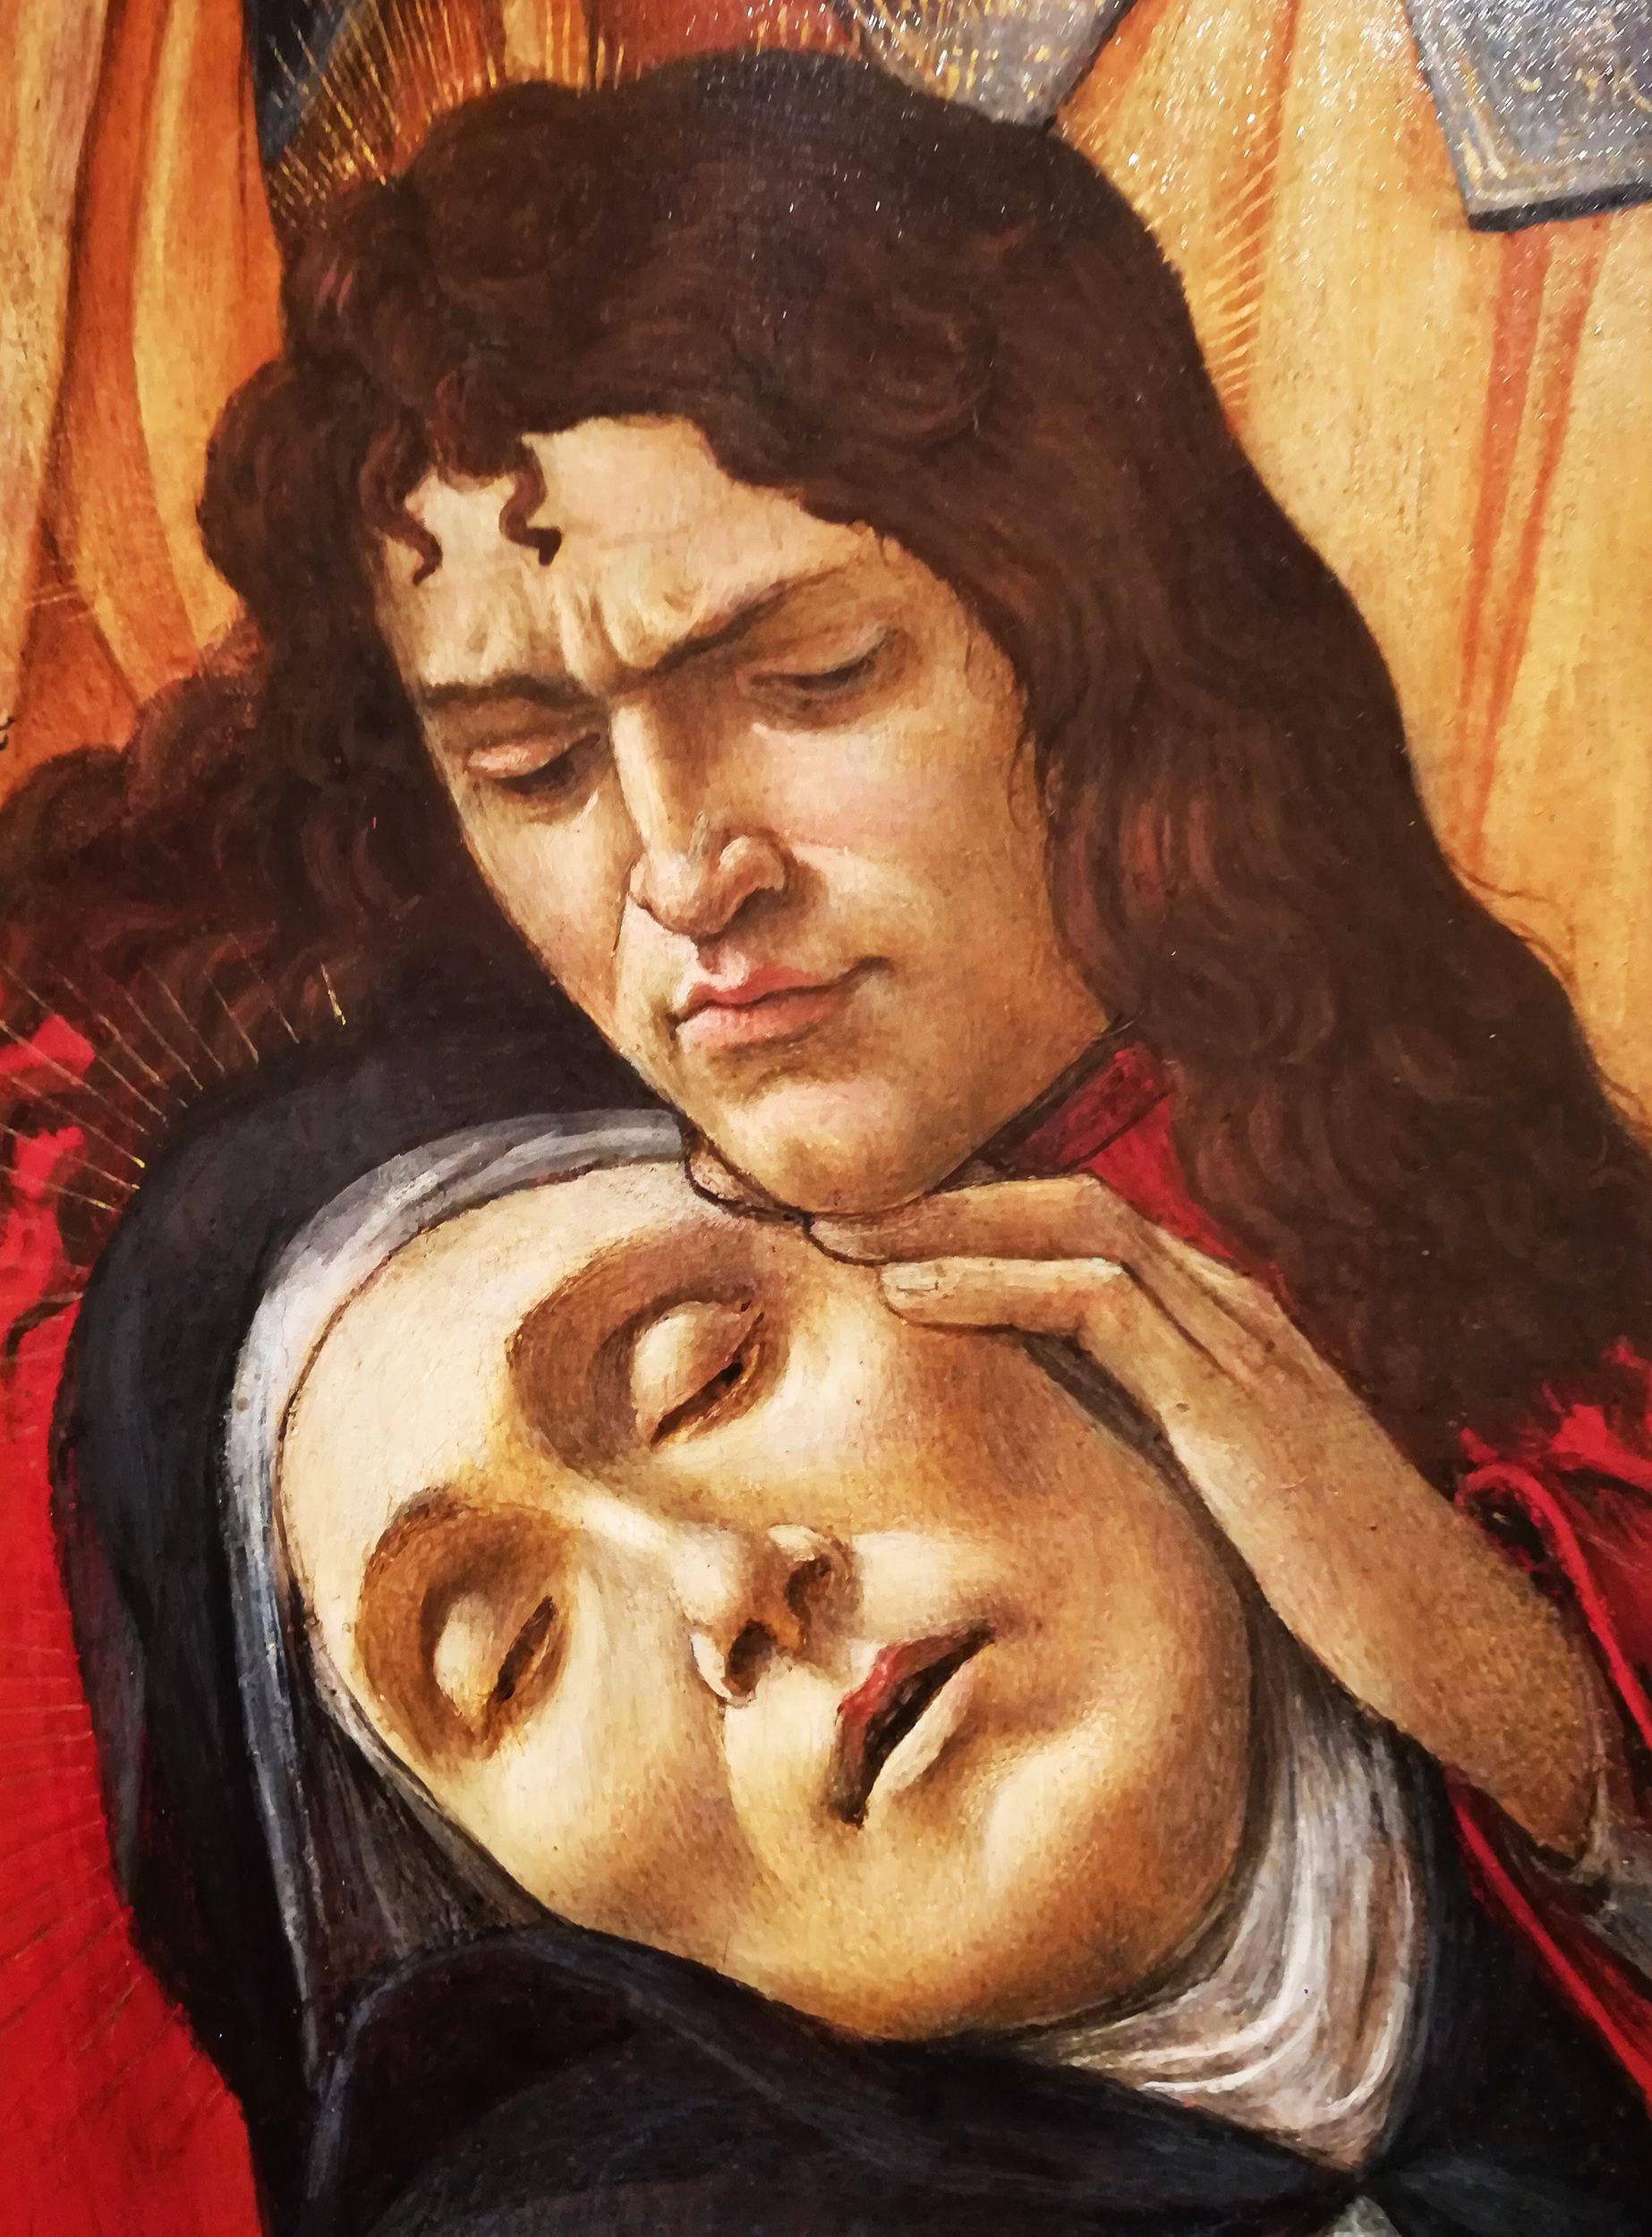 Compianto sul cristo morto dettaglio sandro botticelli firenze museo poldi pezzoli